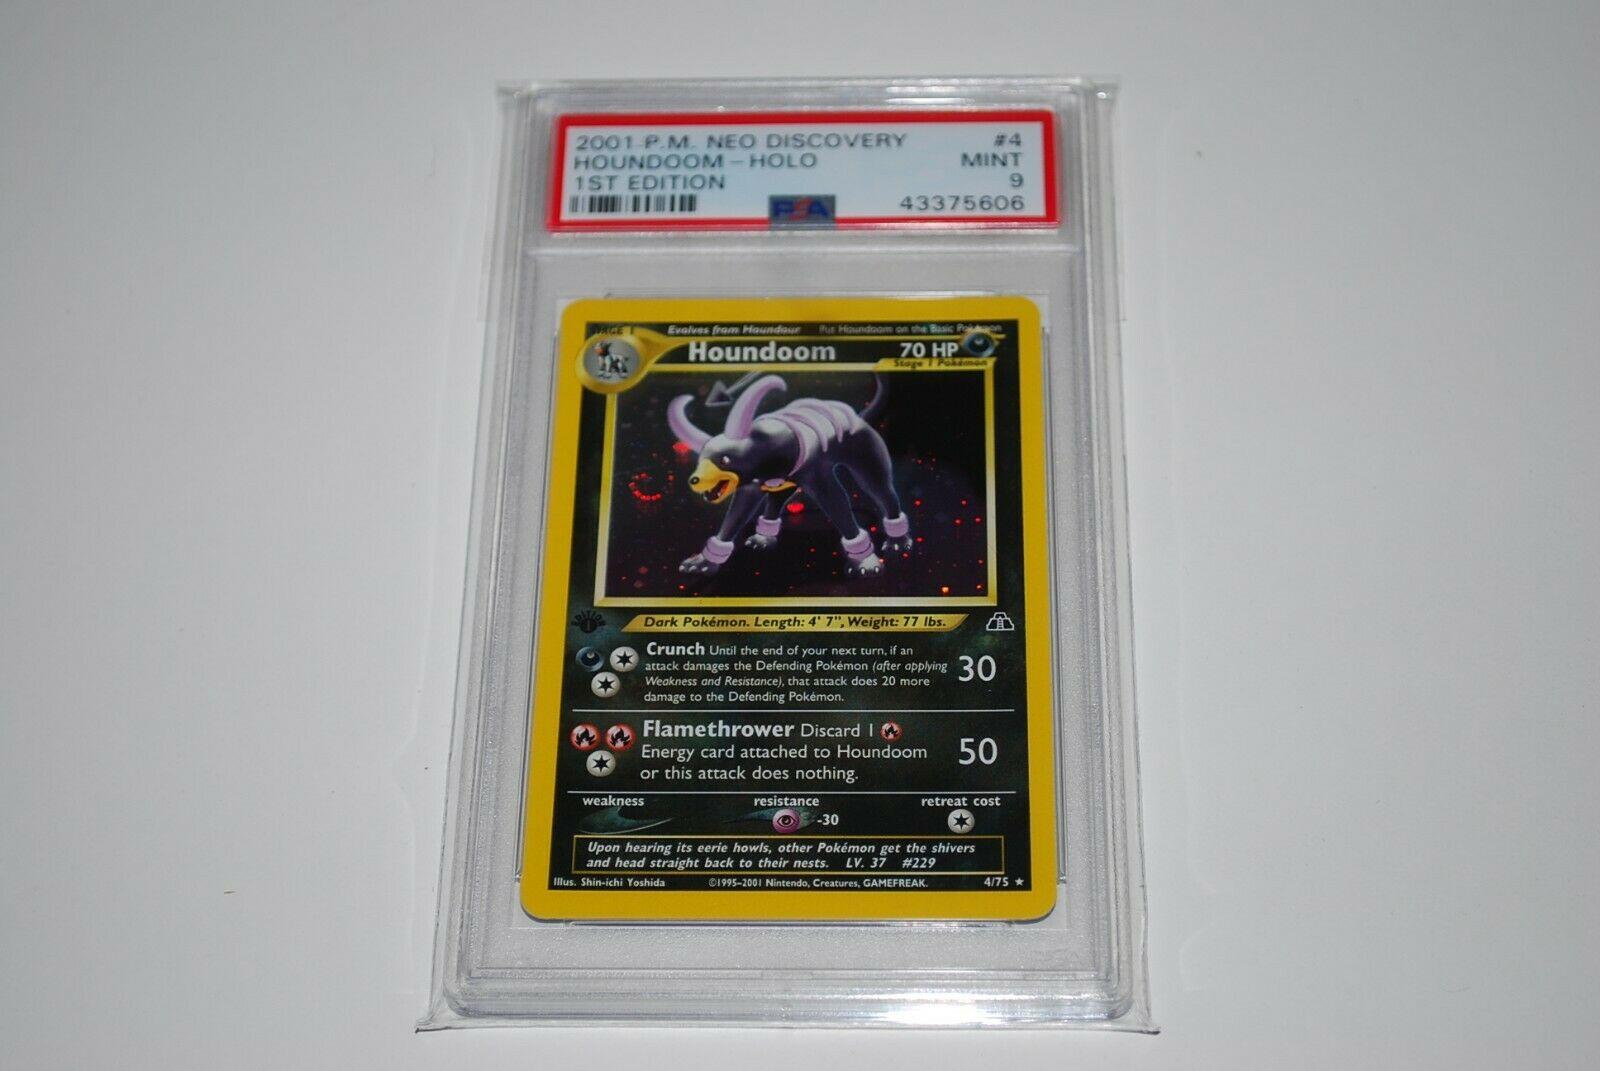 PSA 9 Mint 1st Edition Houndoom Holo 475 Neo Discovery Pokemon Card 1999